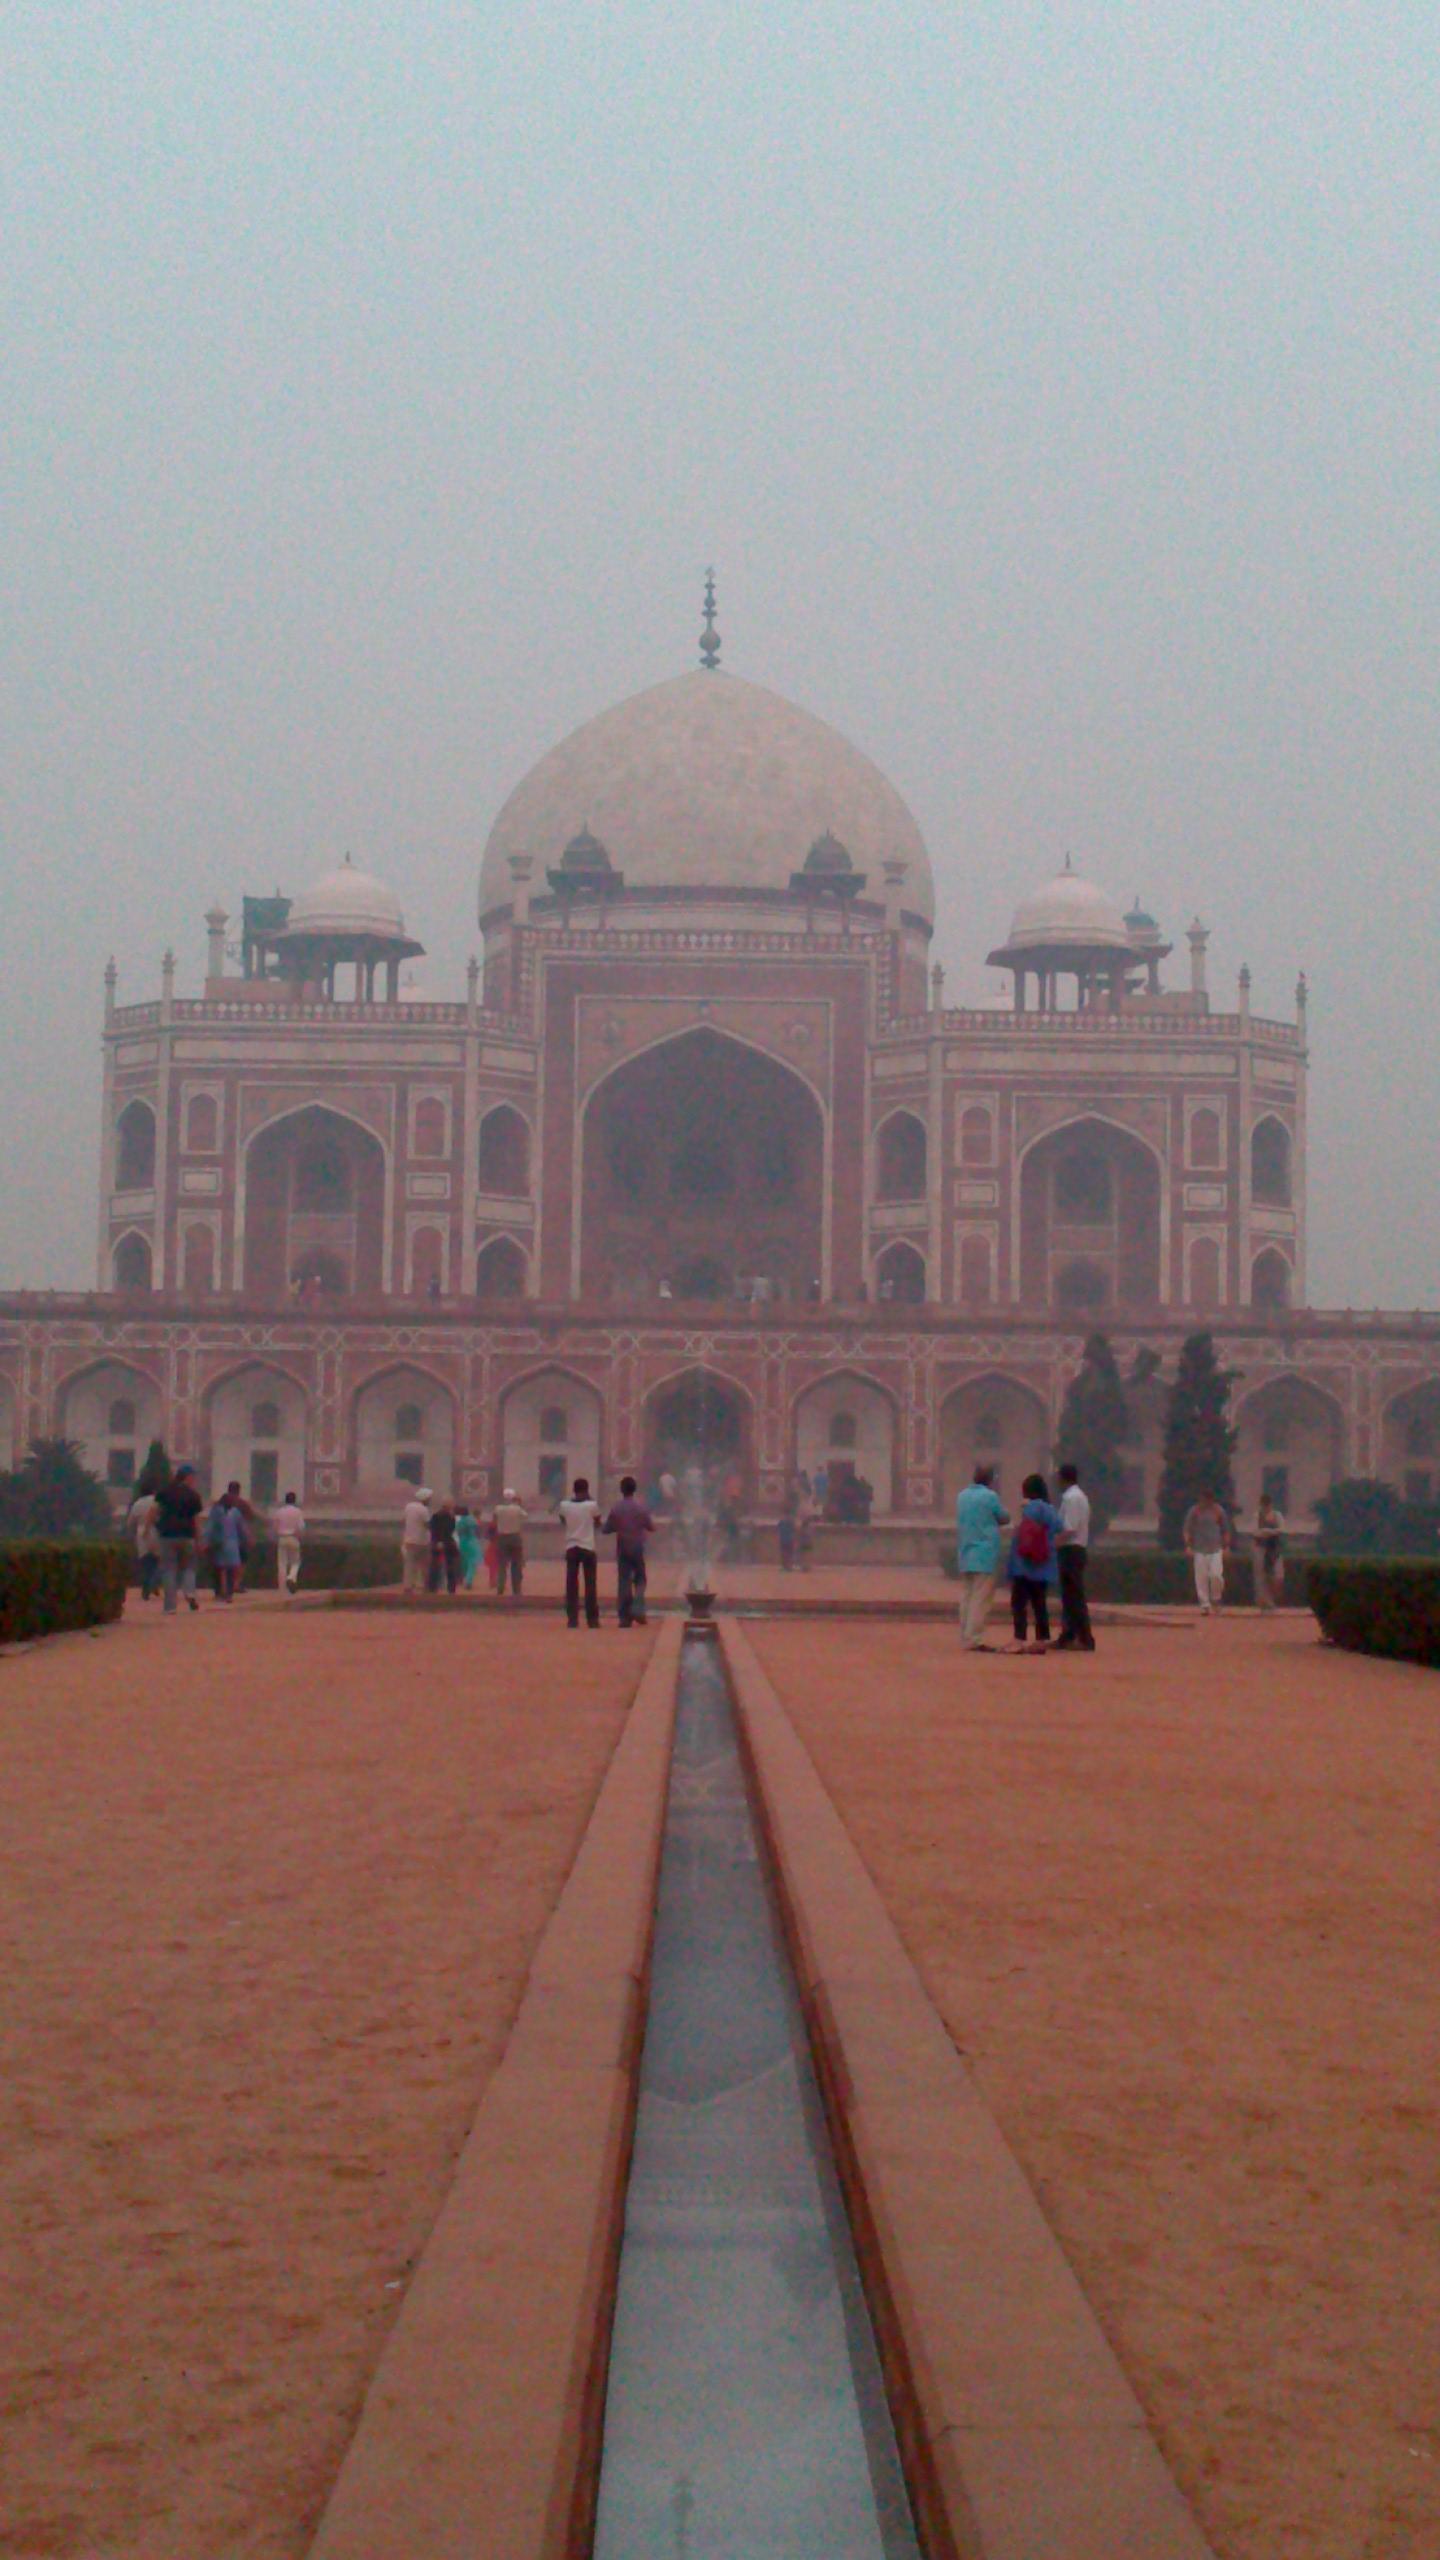 miglior sito di incontri gratuito a Delhi collegare un filtro Hayward piscina